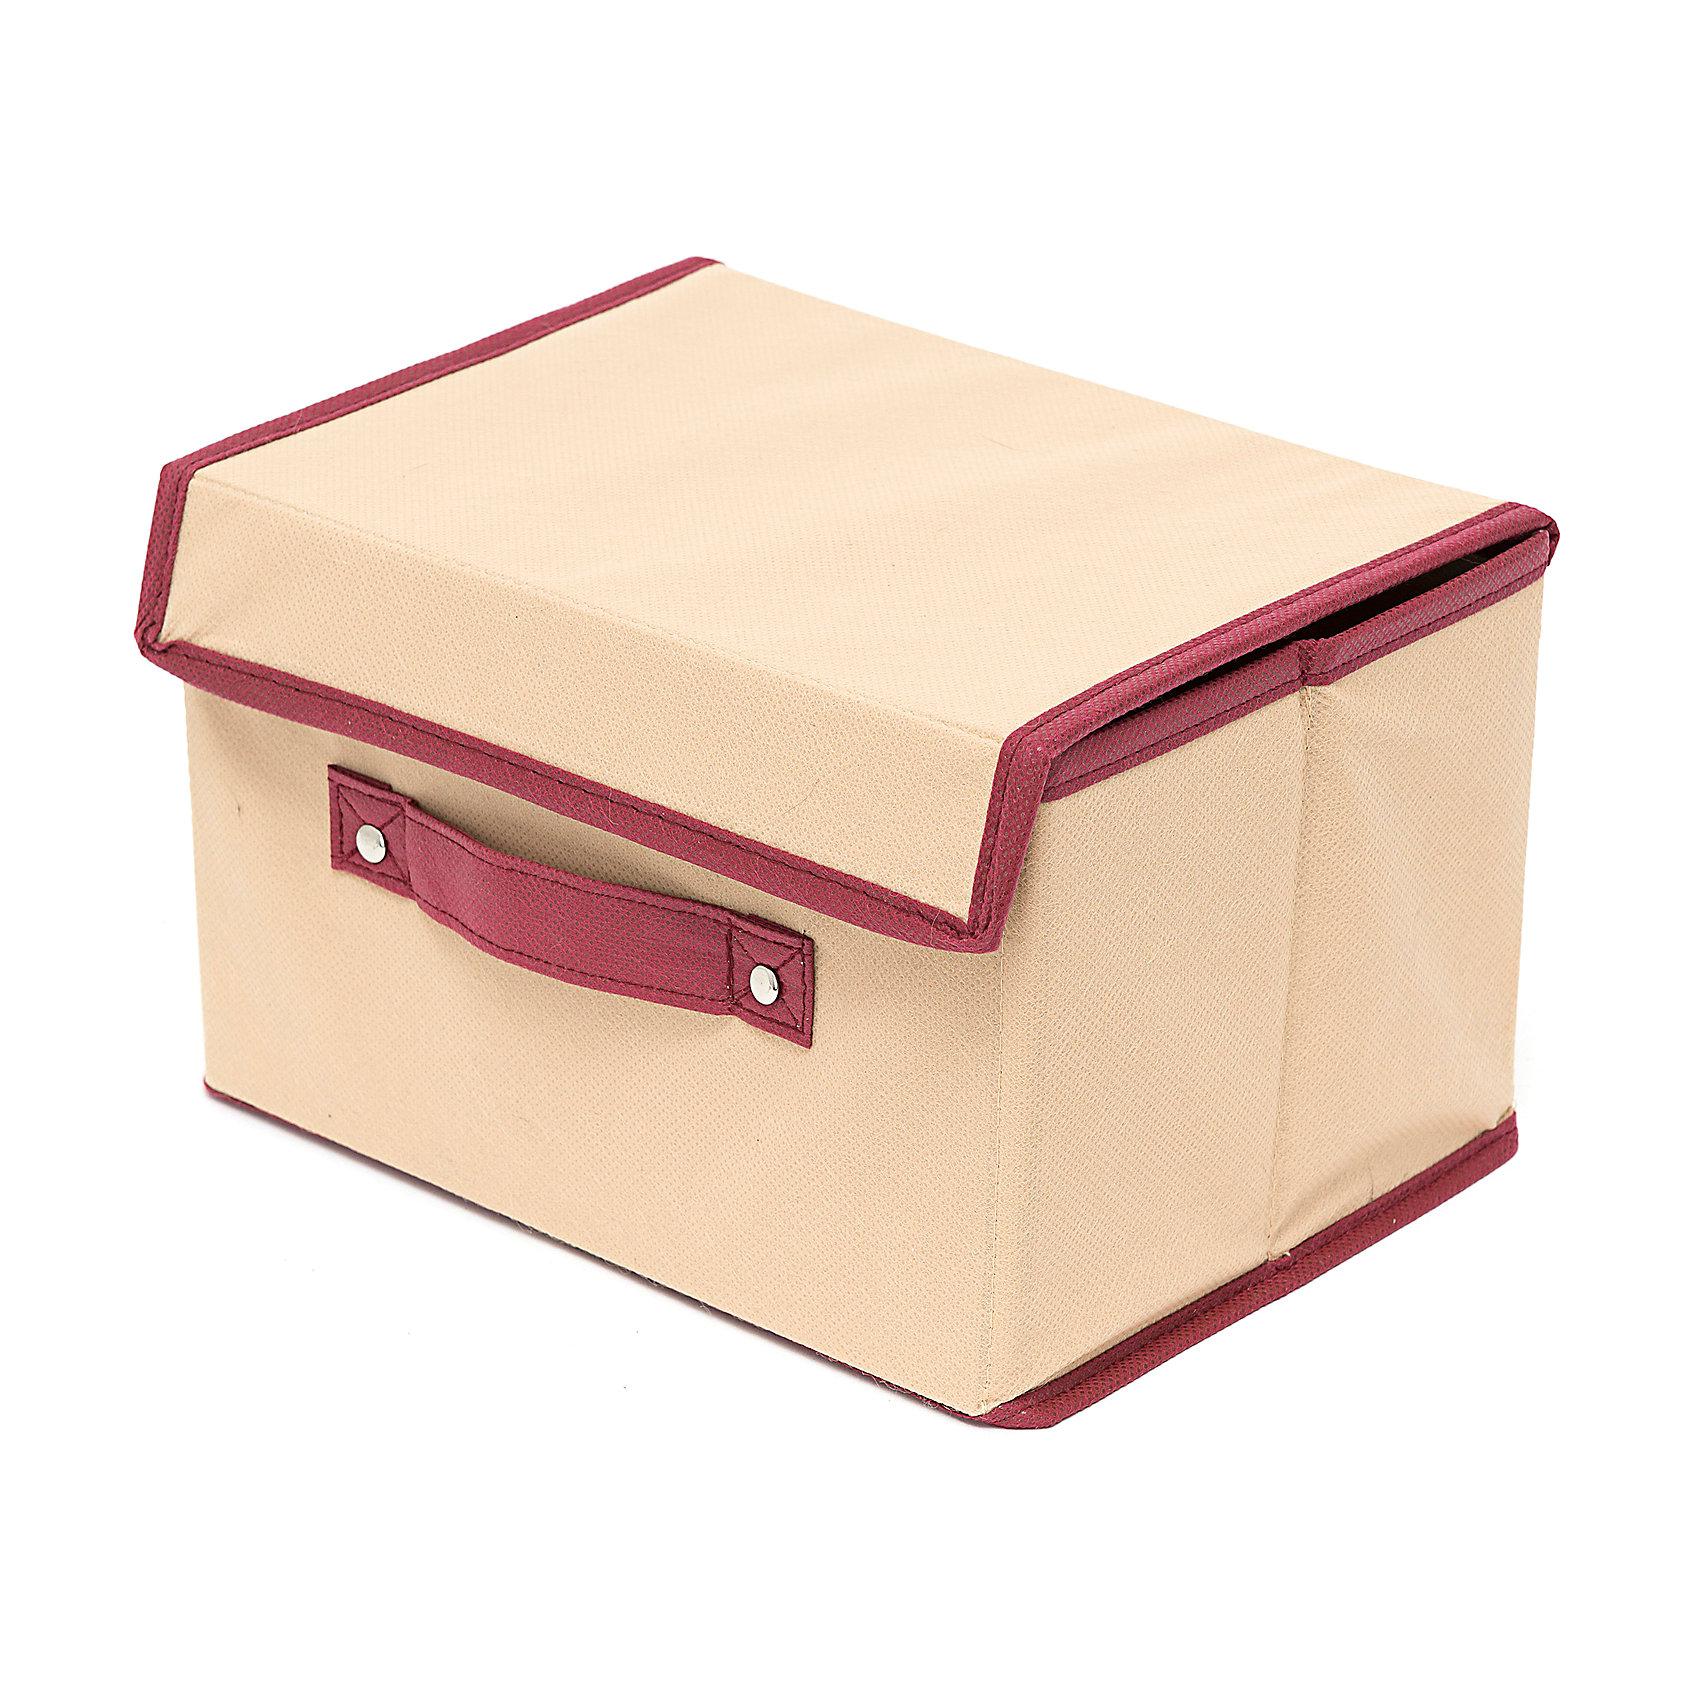 Коробка с крышкой Comfort (38*25*25), HomsuПорядок в детской<br>Характеристики товара:<br><br>• цвет: бежевый<br>• материал: спанбонд, картон<br>• размер: 38х25х25 см<br>• вес: 300 г<br>• легкий прочный каркас<br>• застежка: липучка<br>• крышка<br>• ручка для переноски<br>• вместимость: 1 отделение<br>• страна бренда: Россия<br>• страна изготовитель: Китай<br><br>Коробка с крышкой Comfort большую от бренда Homsu (Хомсу) - очень удобная вещь для хранения вещей и эргономичной организации пространства.<br><br>Предмет легкий, устойчивый, вместительный, имеет удобную ручку для переноски.<br><br>Коробку с крышкой большую Comfort (38*25*25), Homsu можно купить в нашем интернет-магазине.<br><br>Ширина мм: 380<br>Глубина мм: 250<br>Высота мм: 40<br>Вес г: 300<br>Возраст от месяцев: 216<br>Возраст до месяцев: 1188<br>Пол: Унисекс<br>Возраст: Детский<br>SKU: 5620113